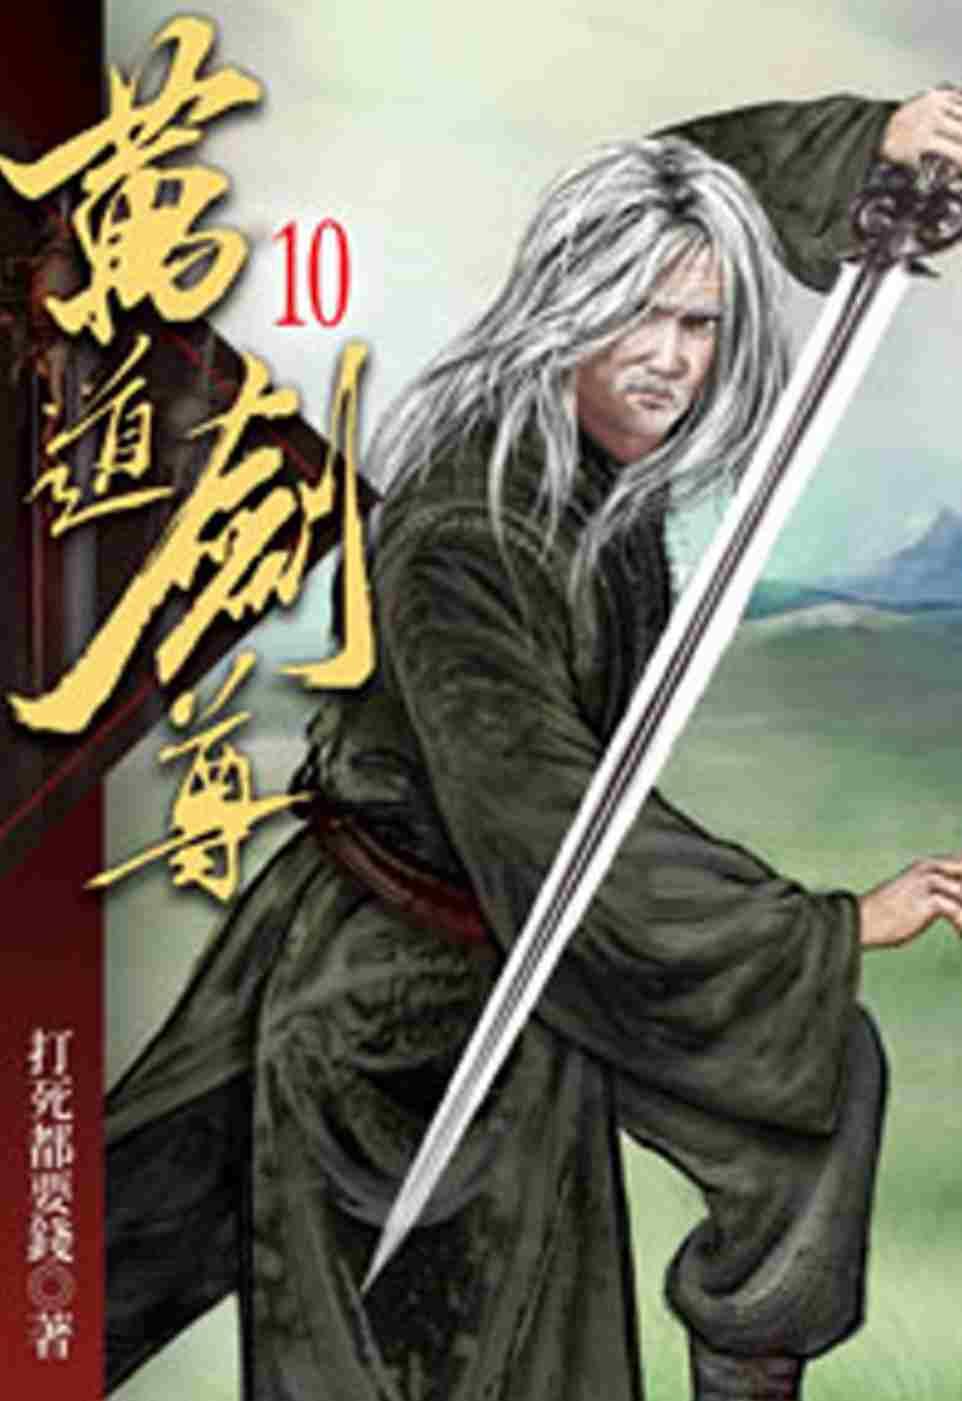 《萬道劍尊10》 商品條碼,ISBN:9789578073432